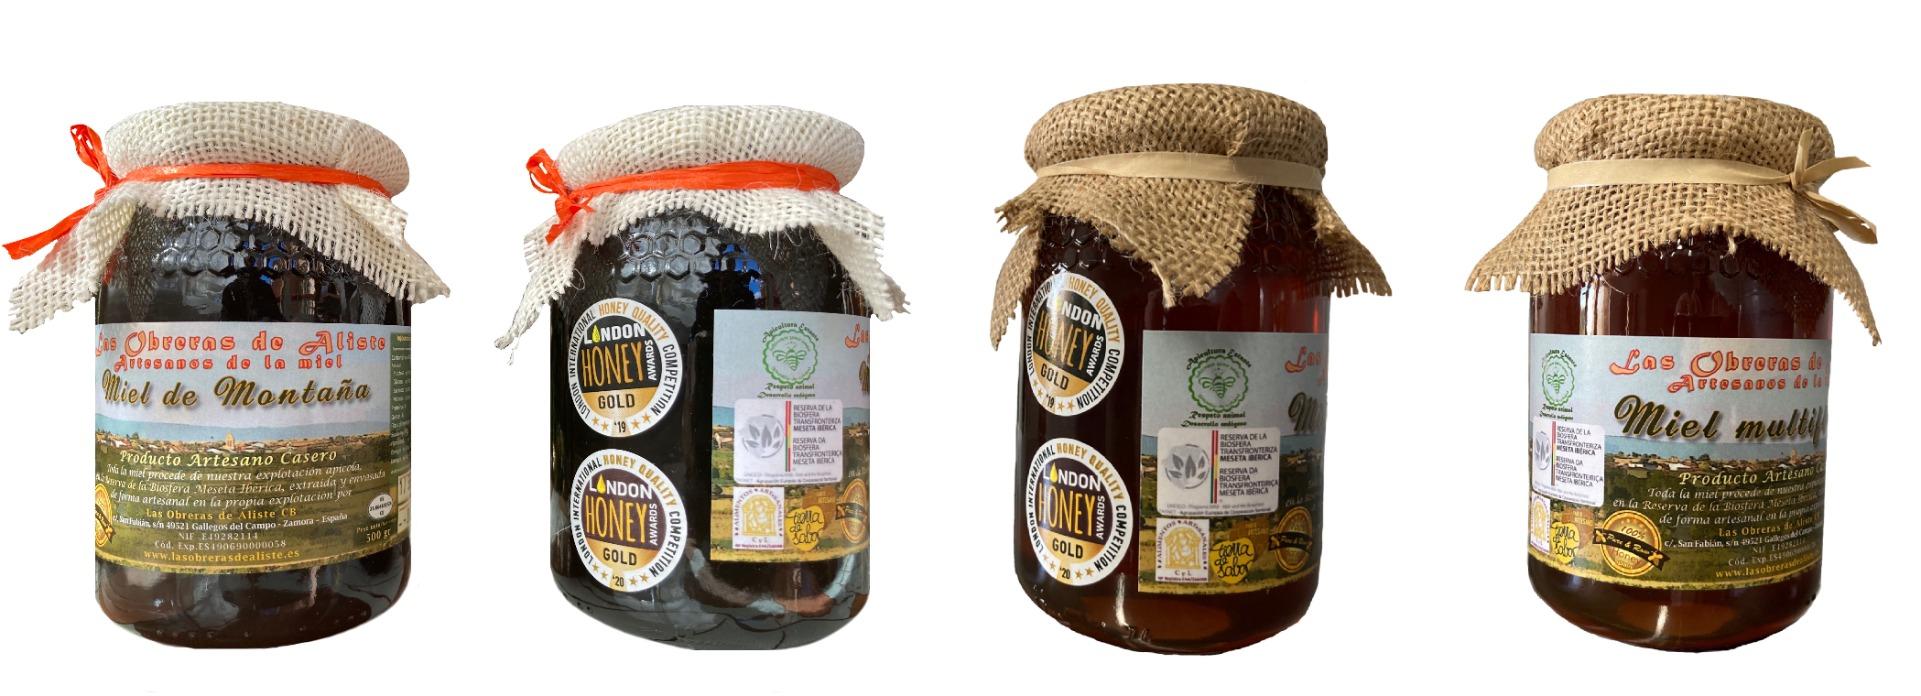 Pack Miel Multifloral y Miel de Montaña Botes 1/2 kg de Las Obreras de Aliste CB